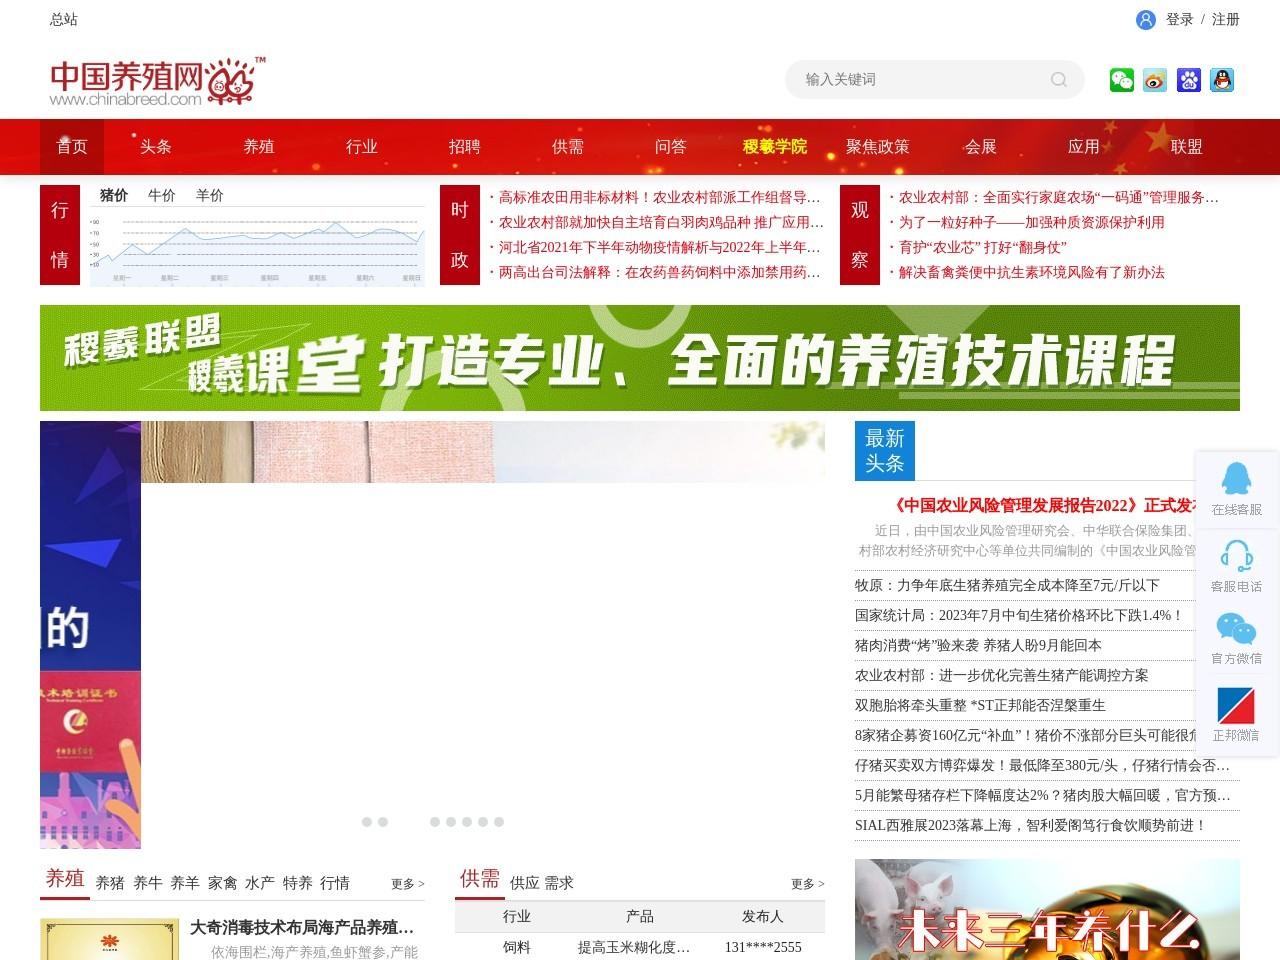 中国农牧专业门户网站截图